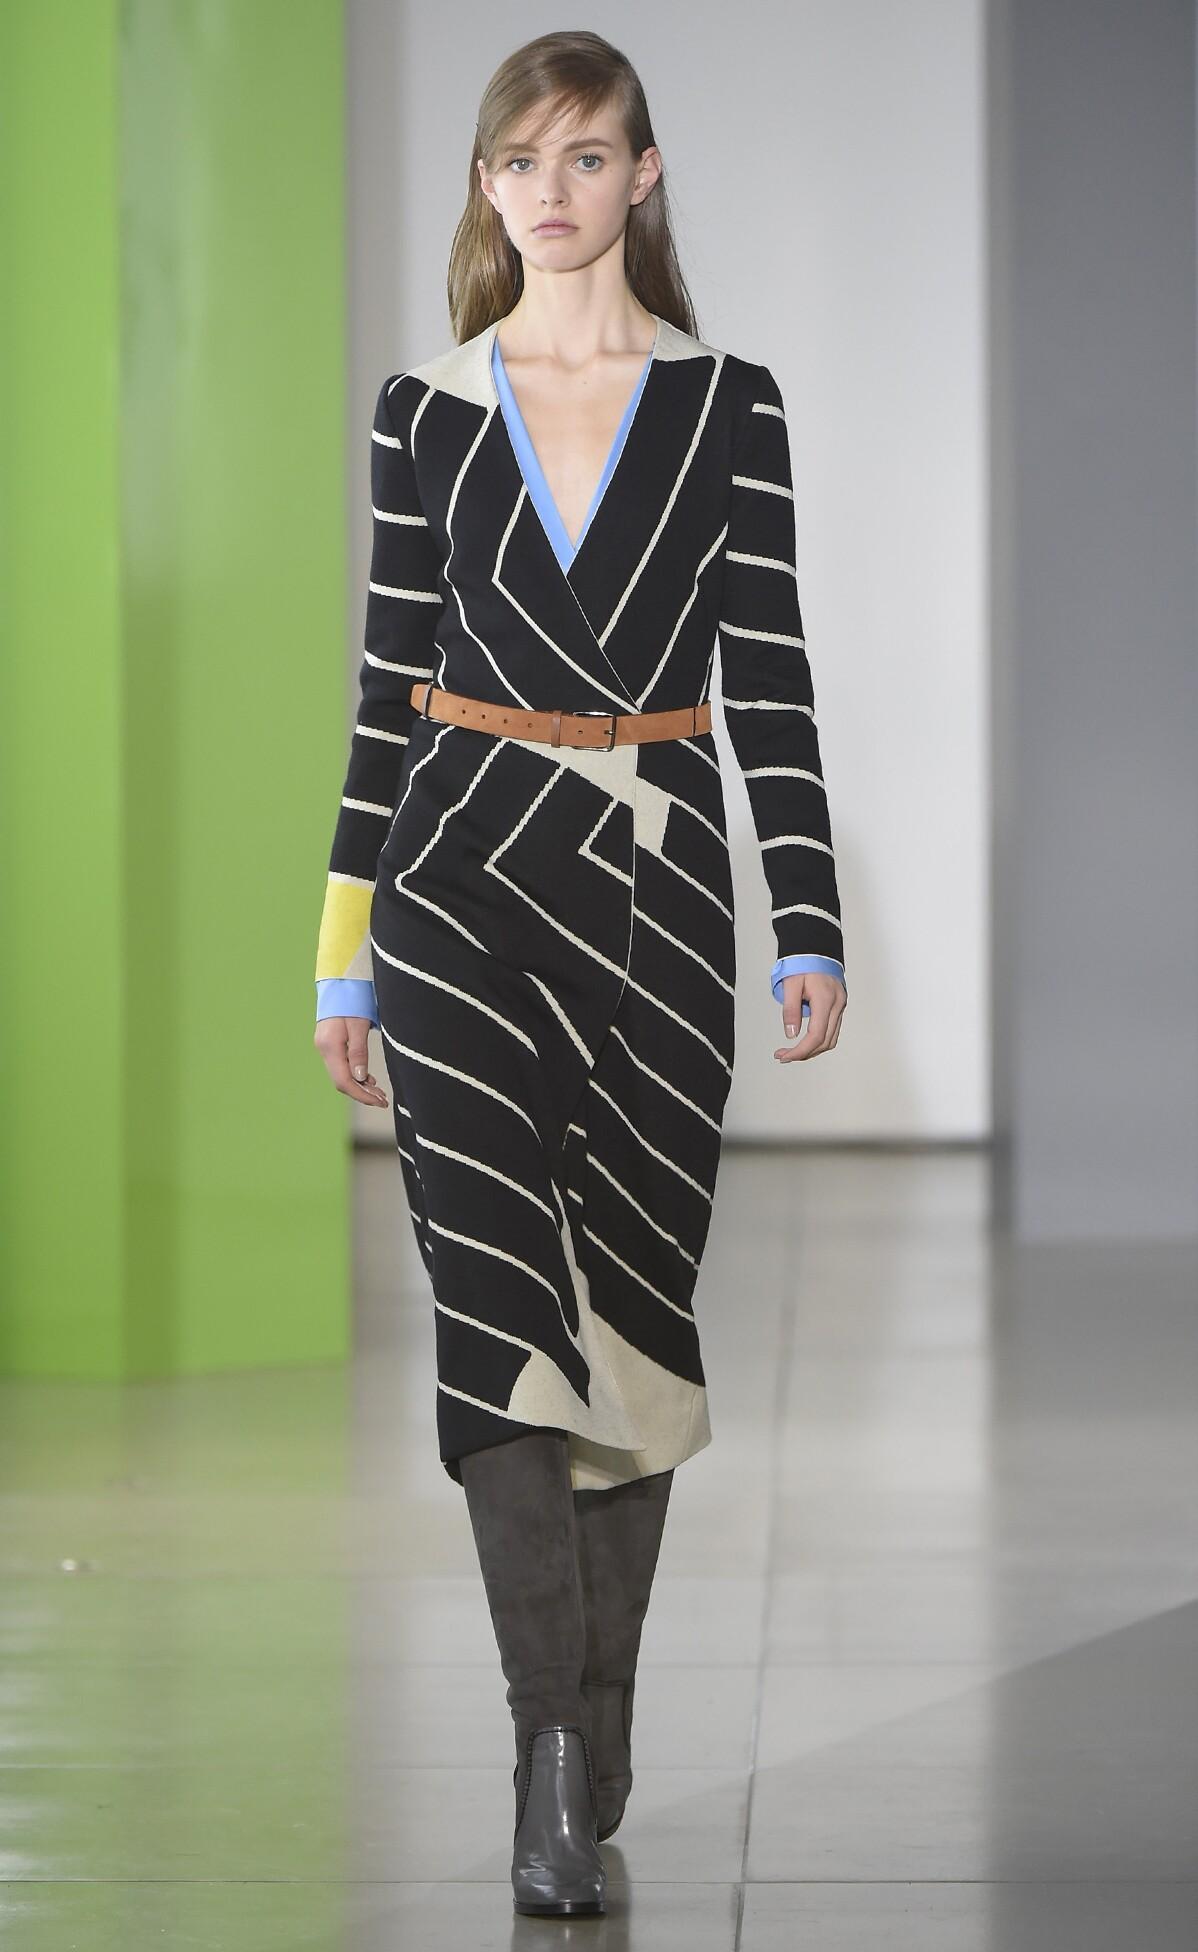 Jil Sander Collection Catwalk